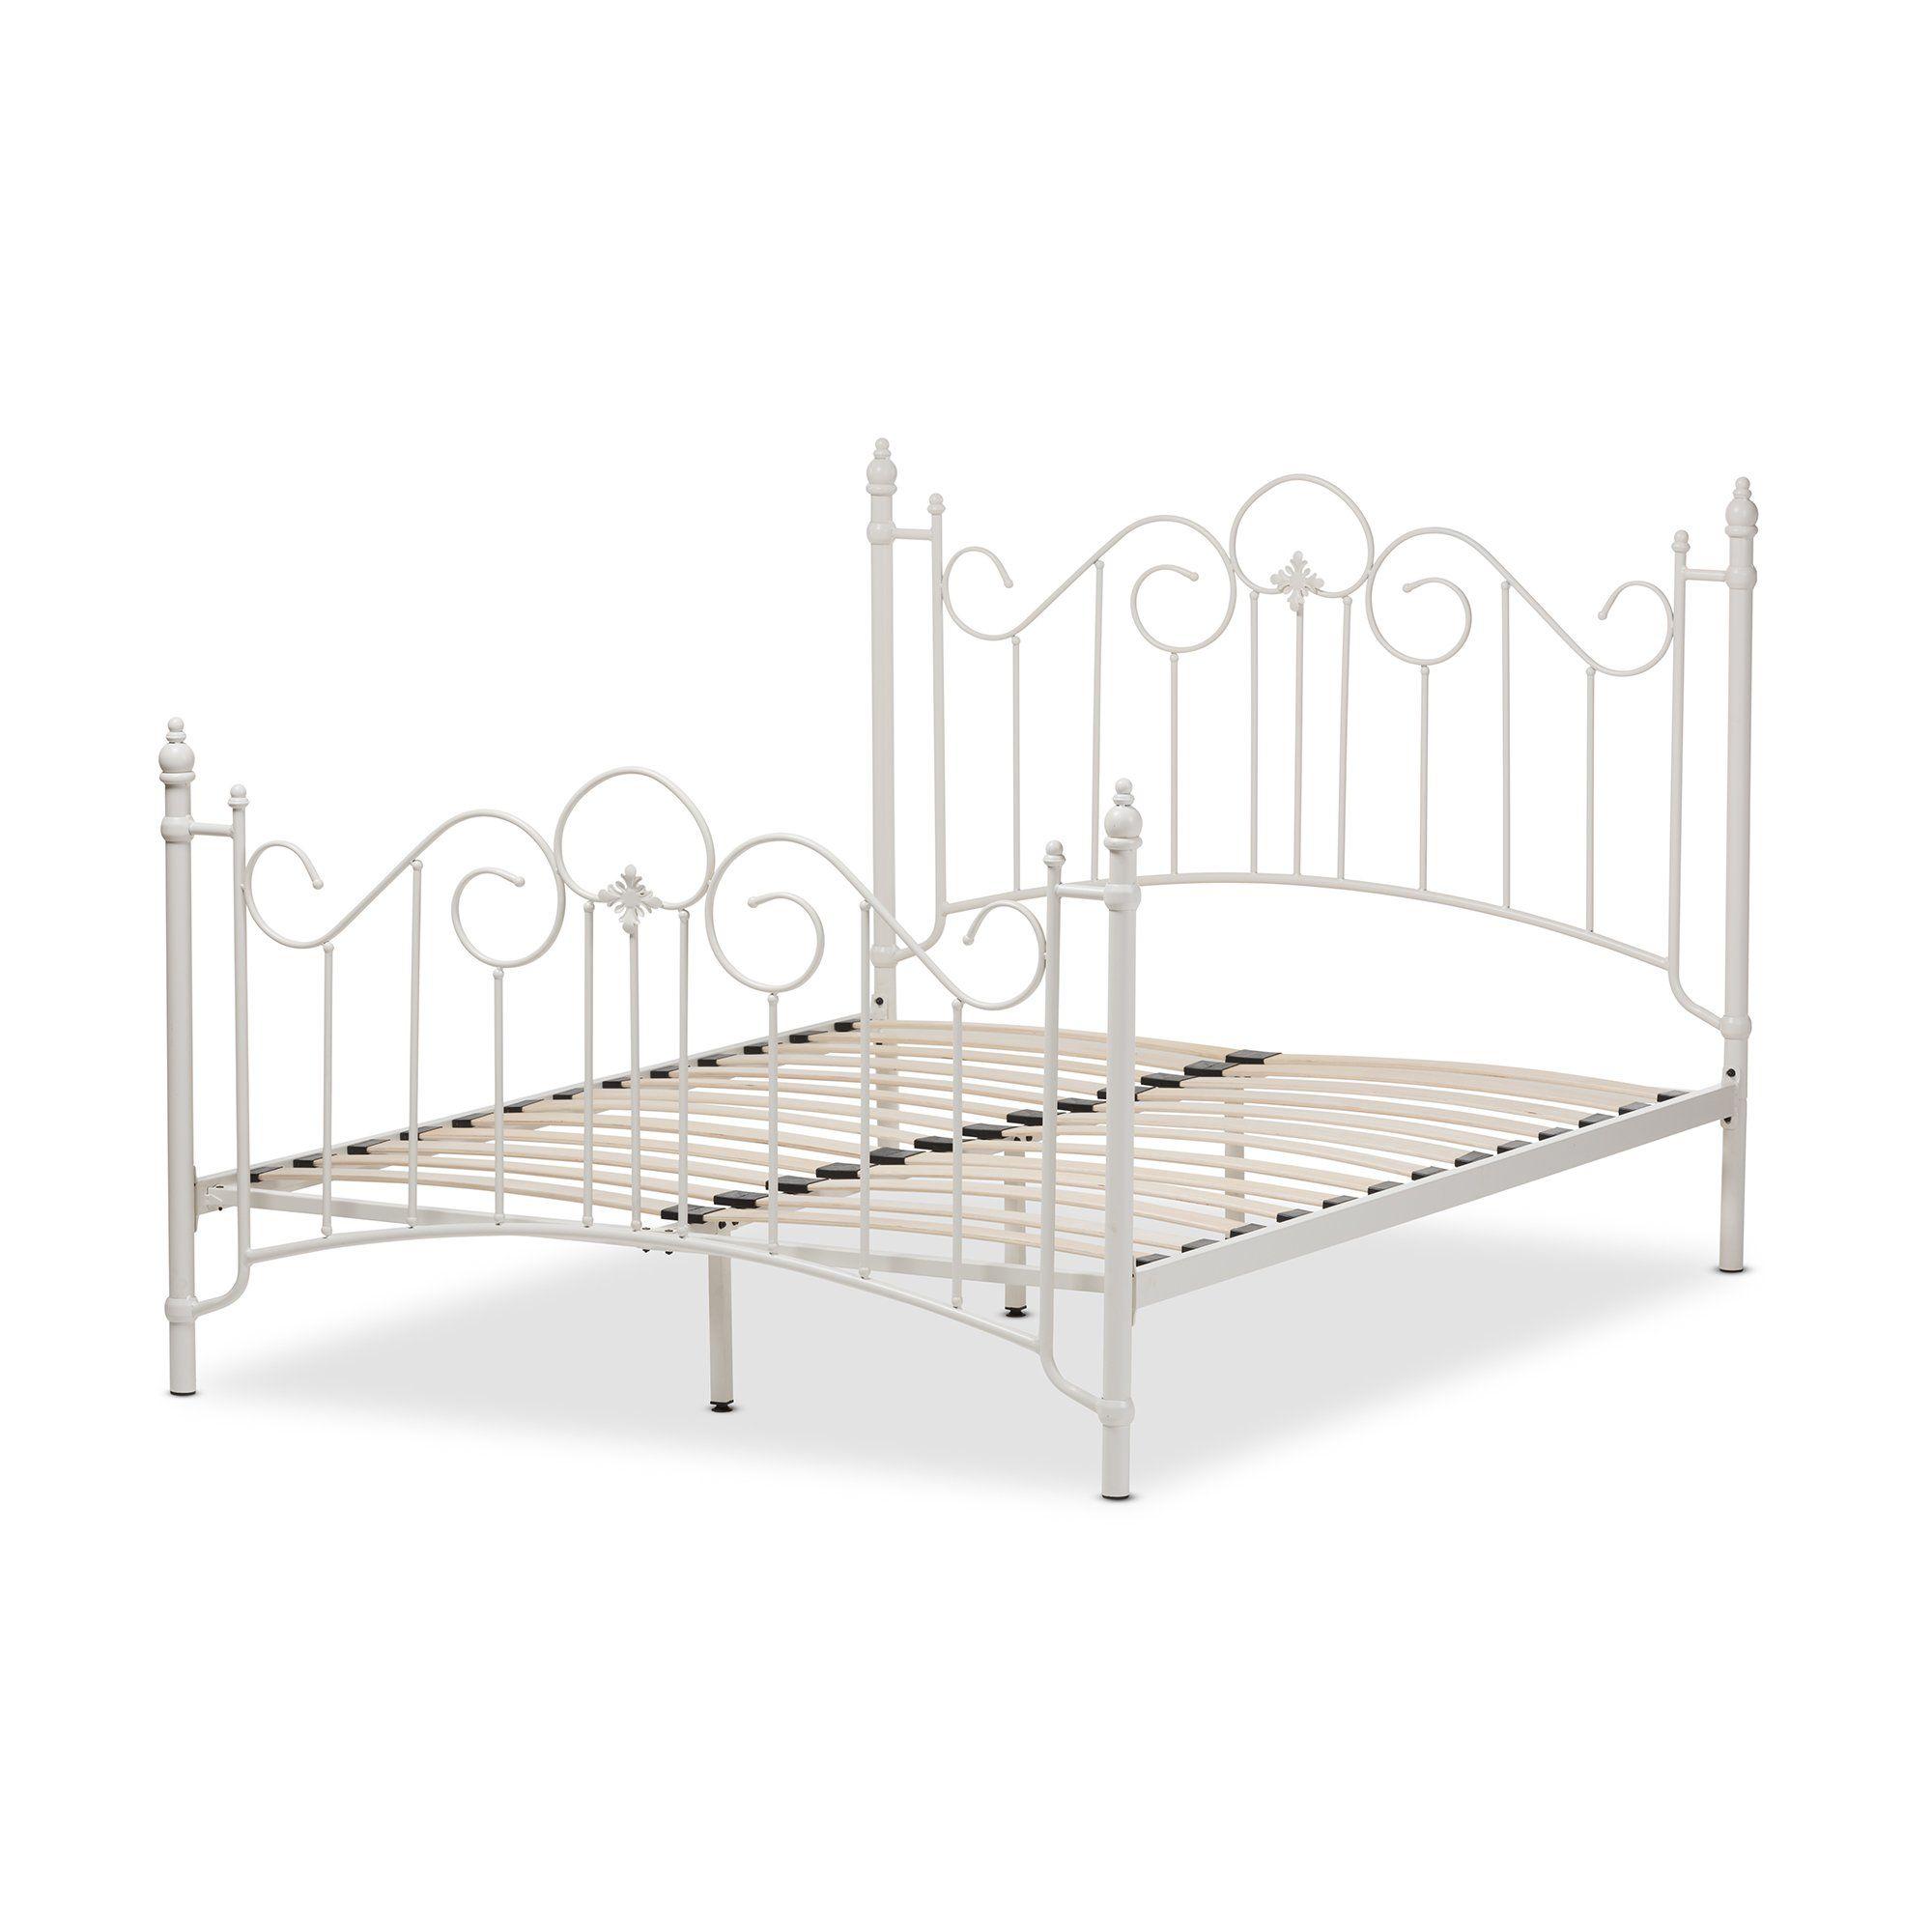 Baxton Studio Scarlett White Metal Queen Size Platform Bed